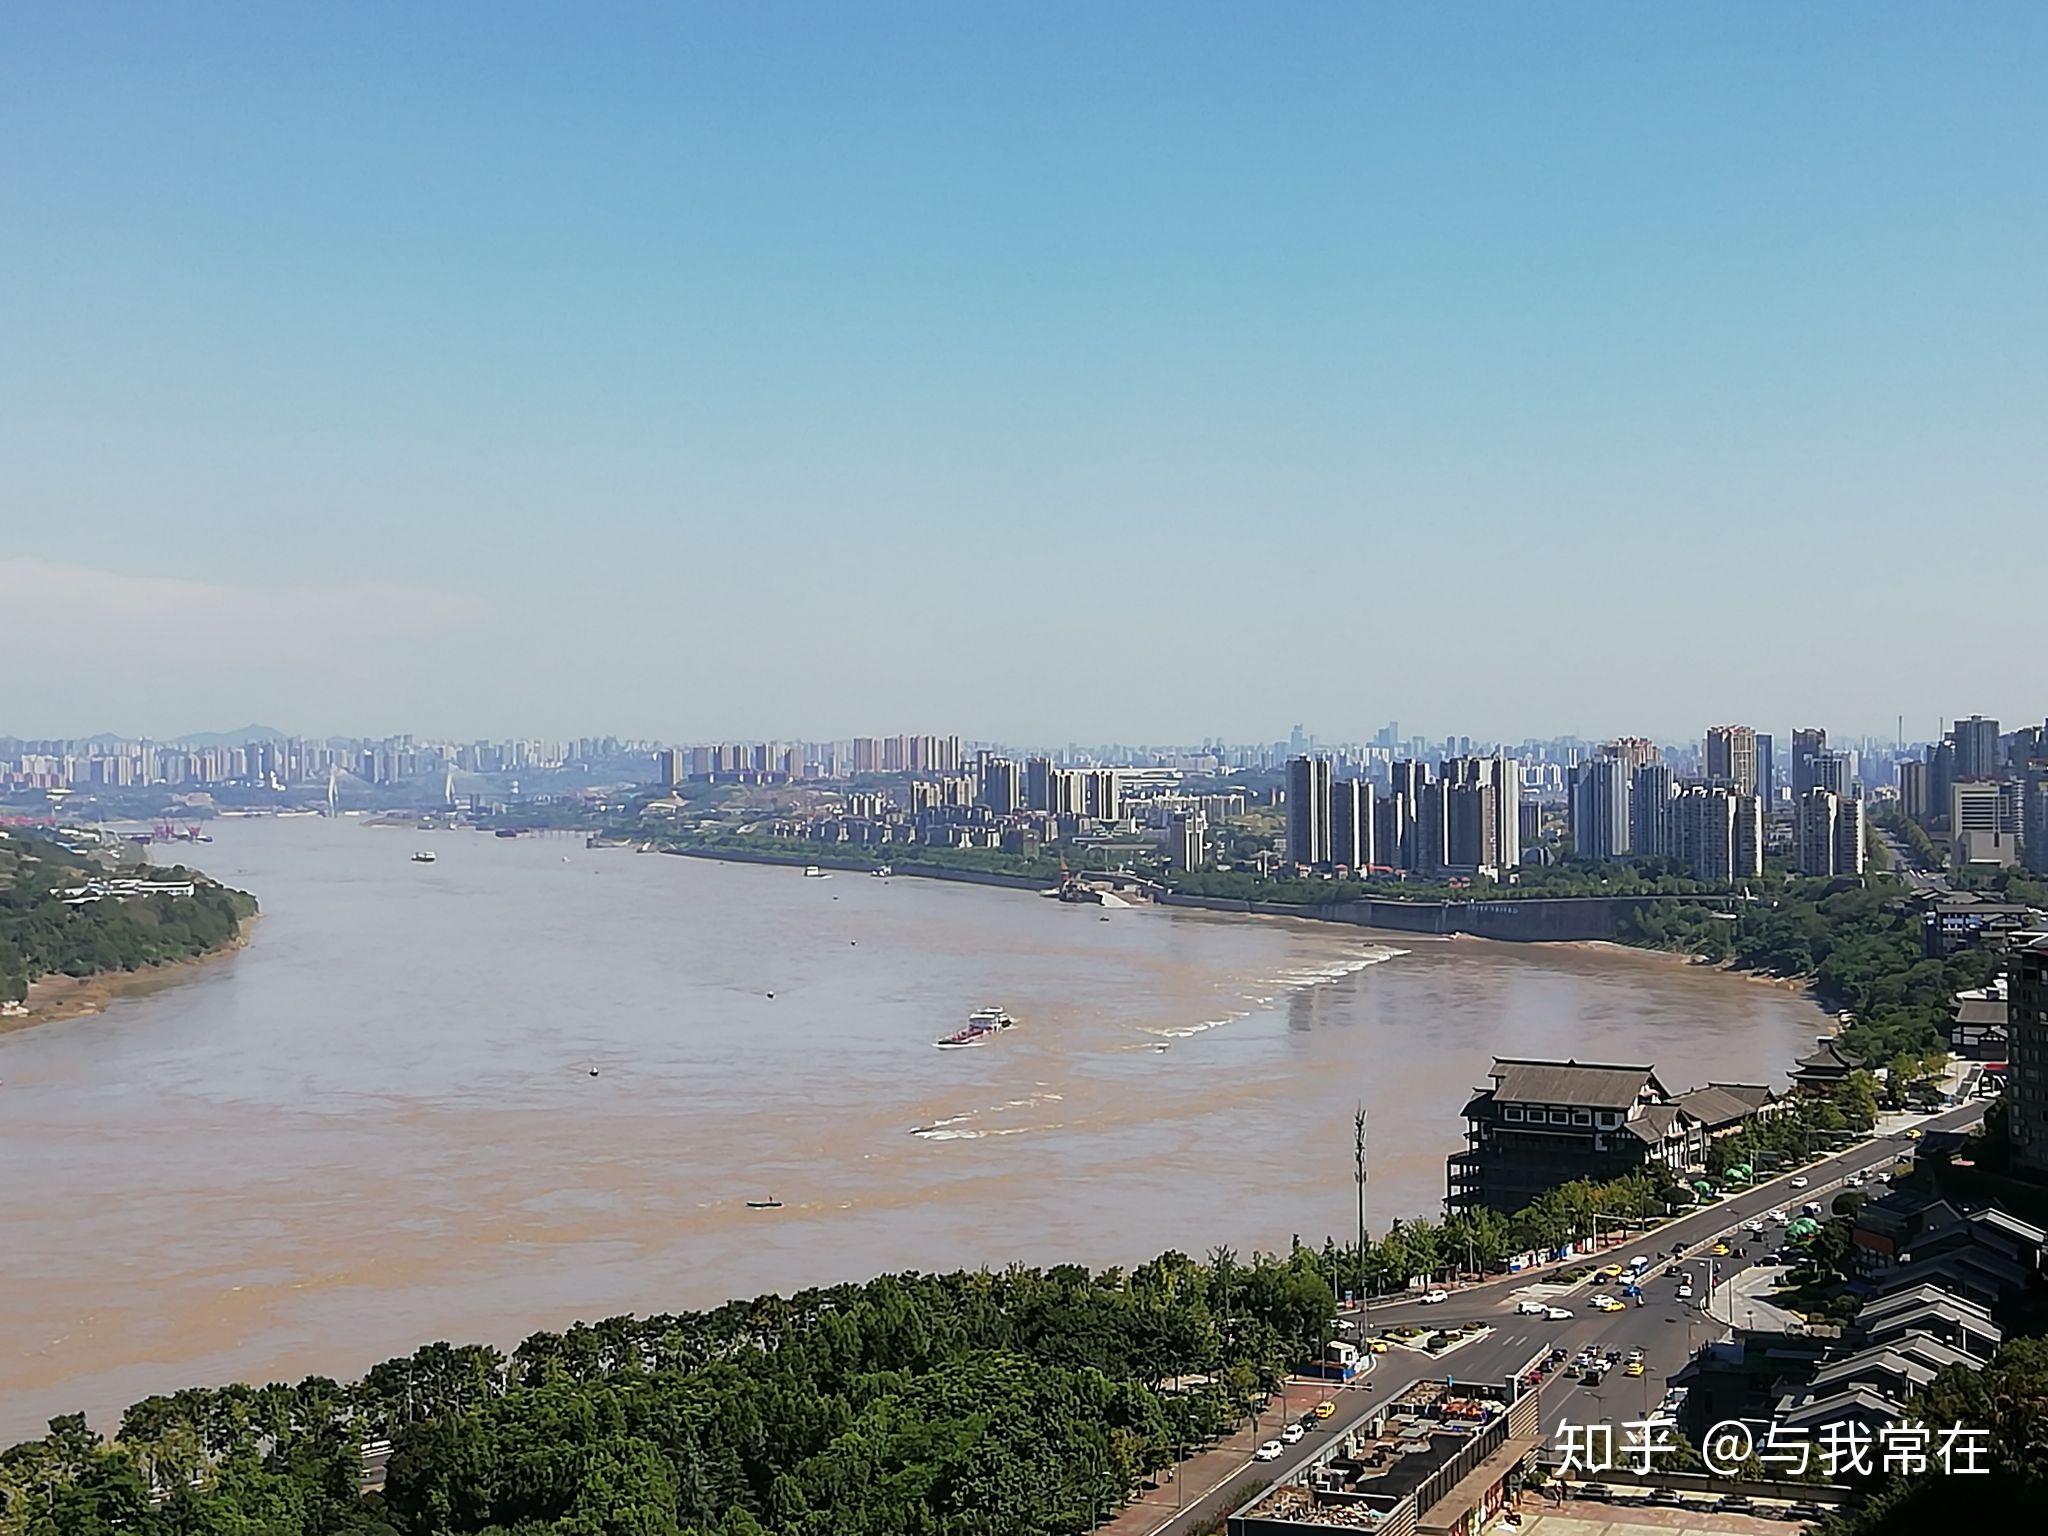 隧道炉_从城规的角度分析重庆巴南区李家沱和龙洲湾的发展? - 知乎